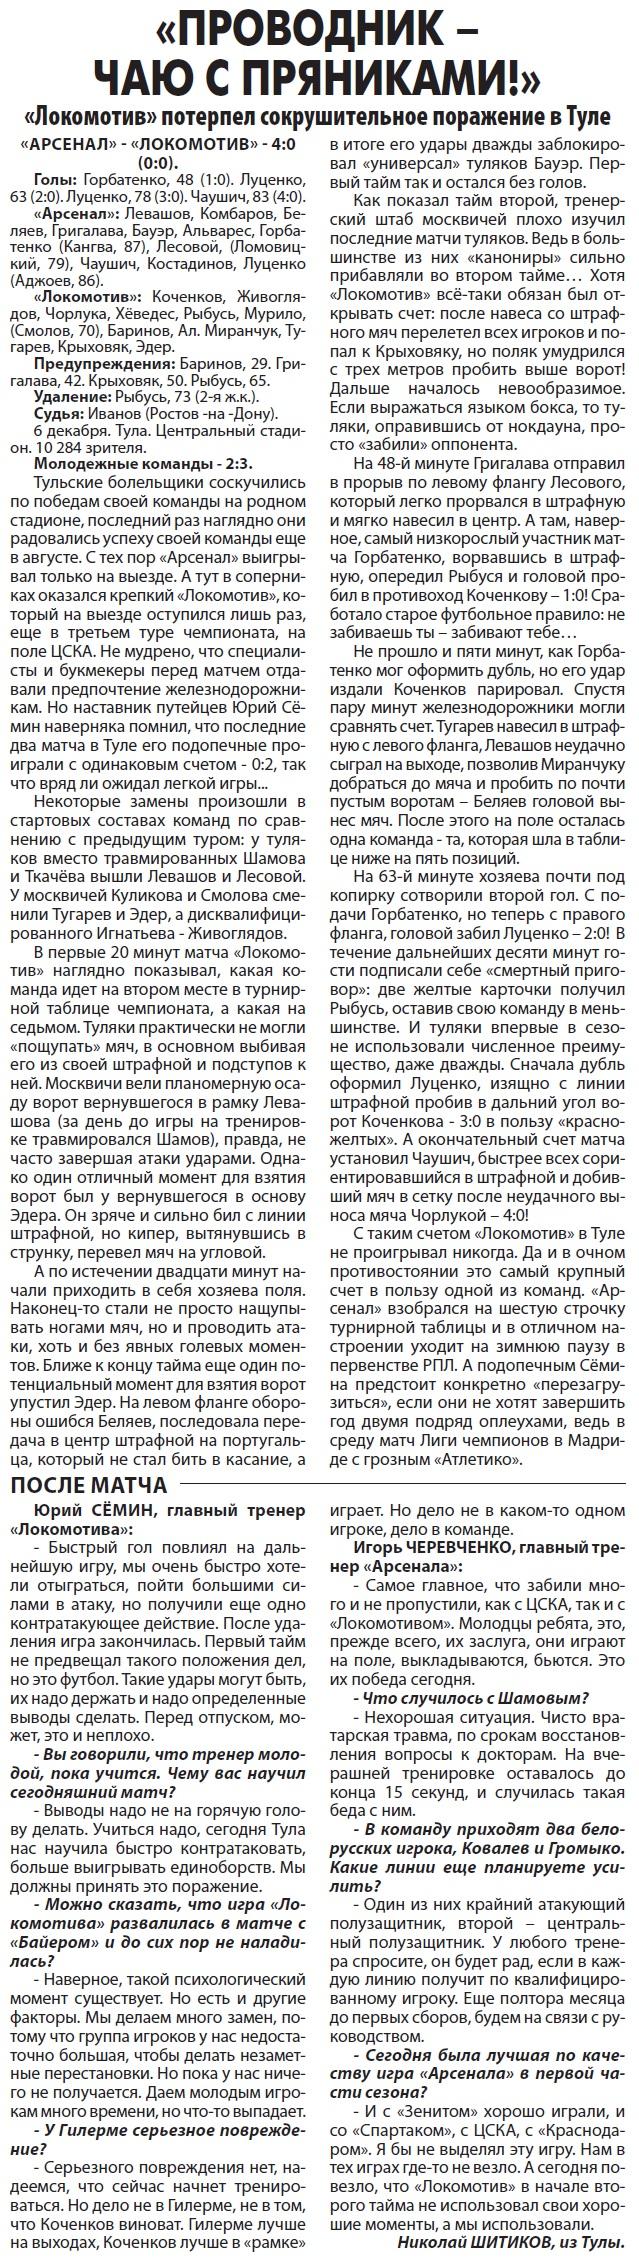 Арсенал (Тула) - Локомотив (Москва) 4:0